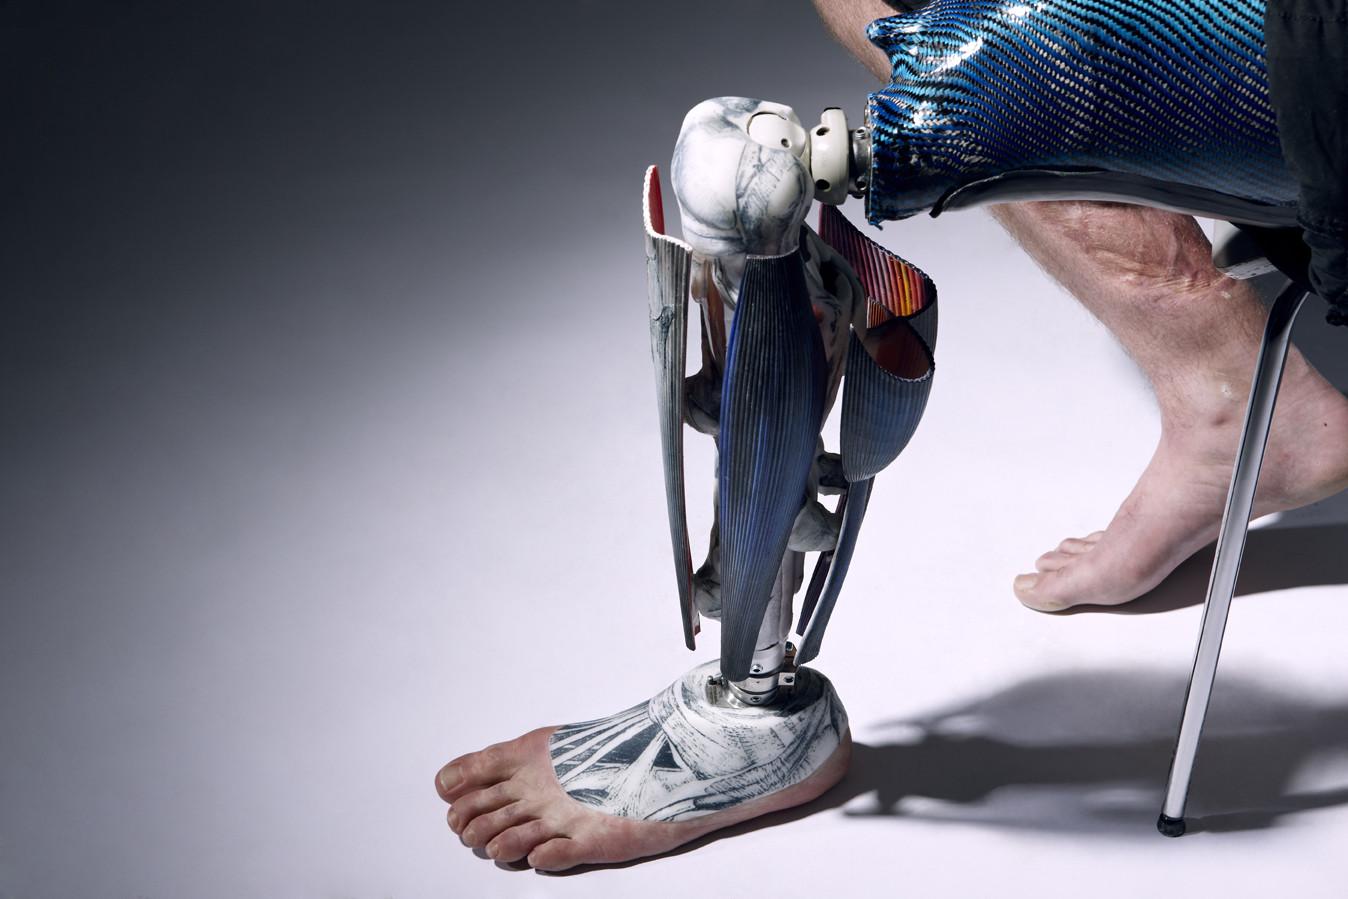 Prótesis para Ryan Seary - 'The Alternative Limb Project'